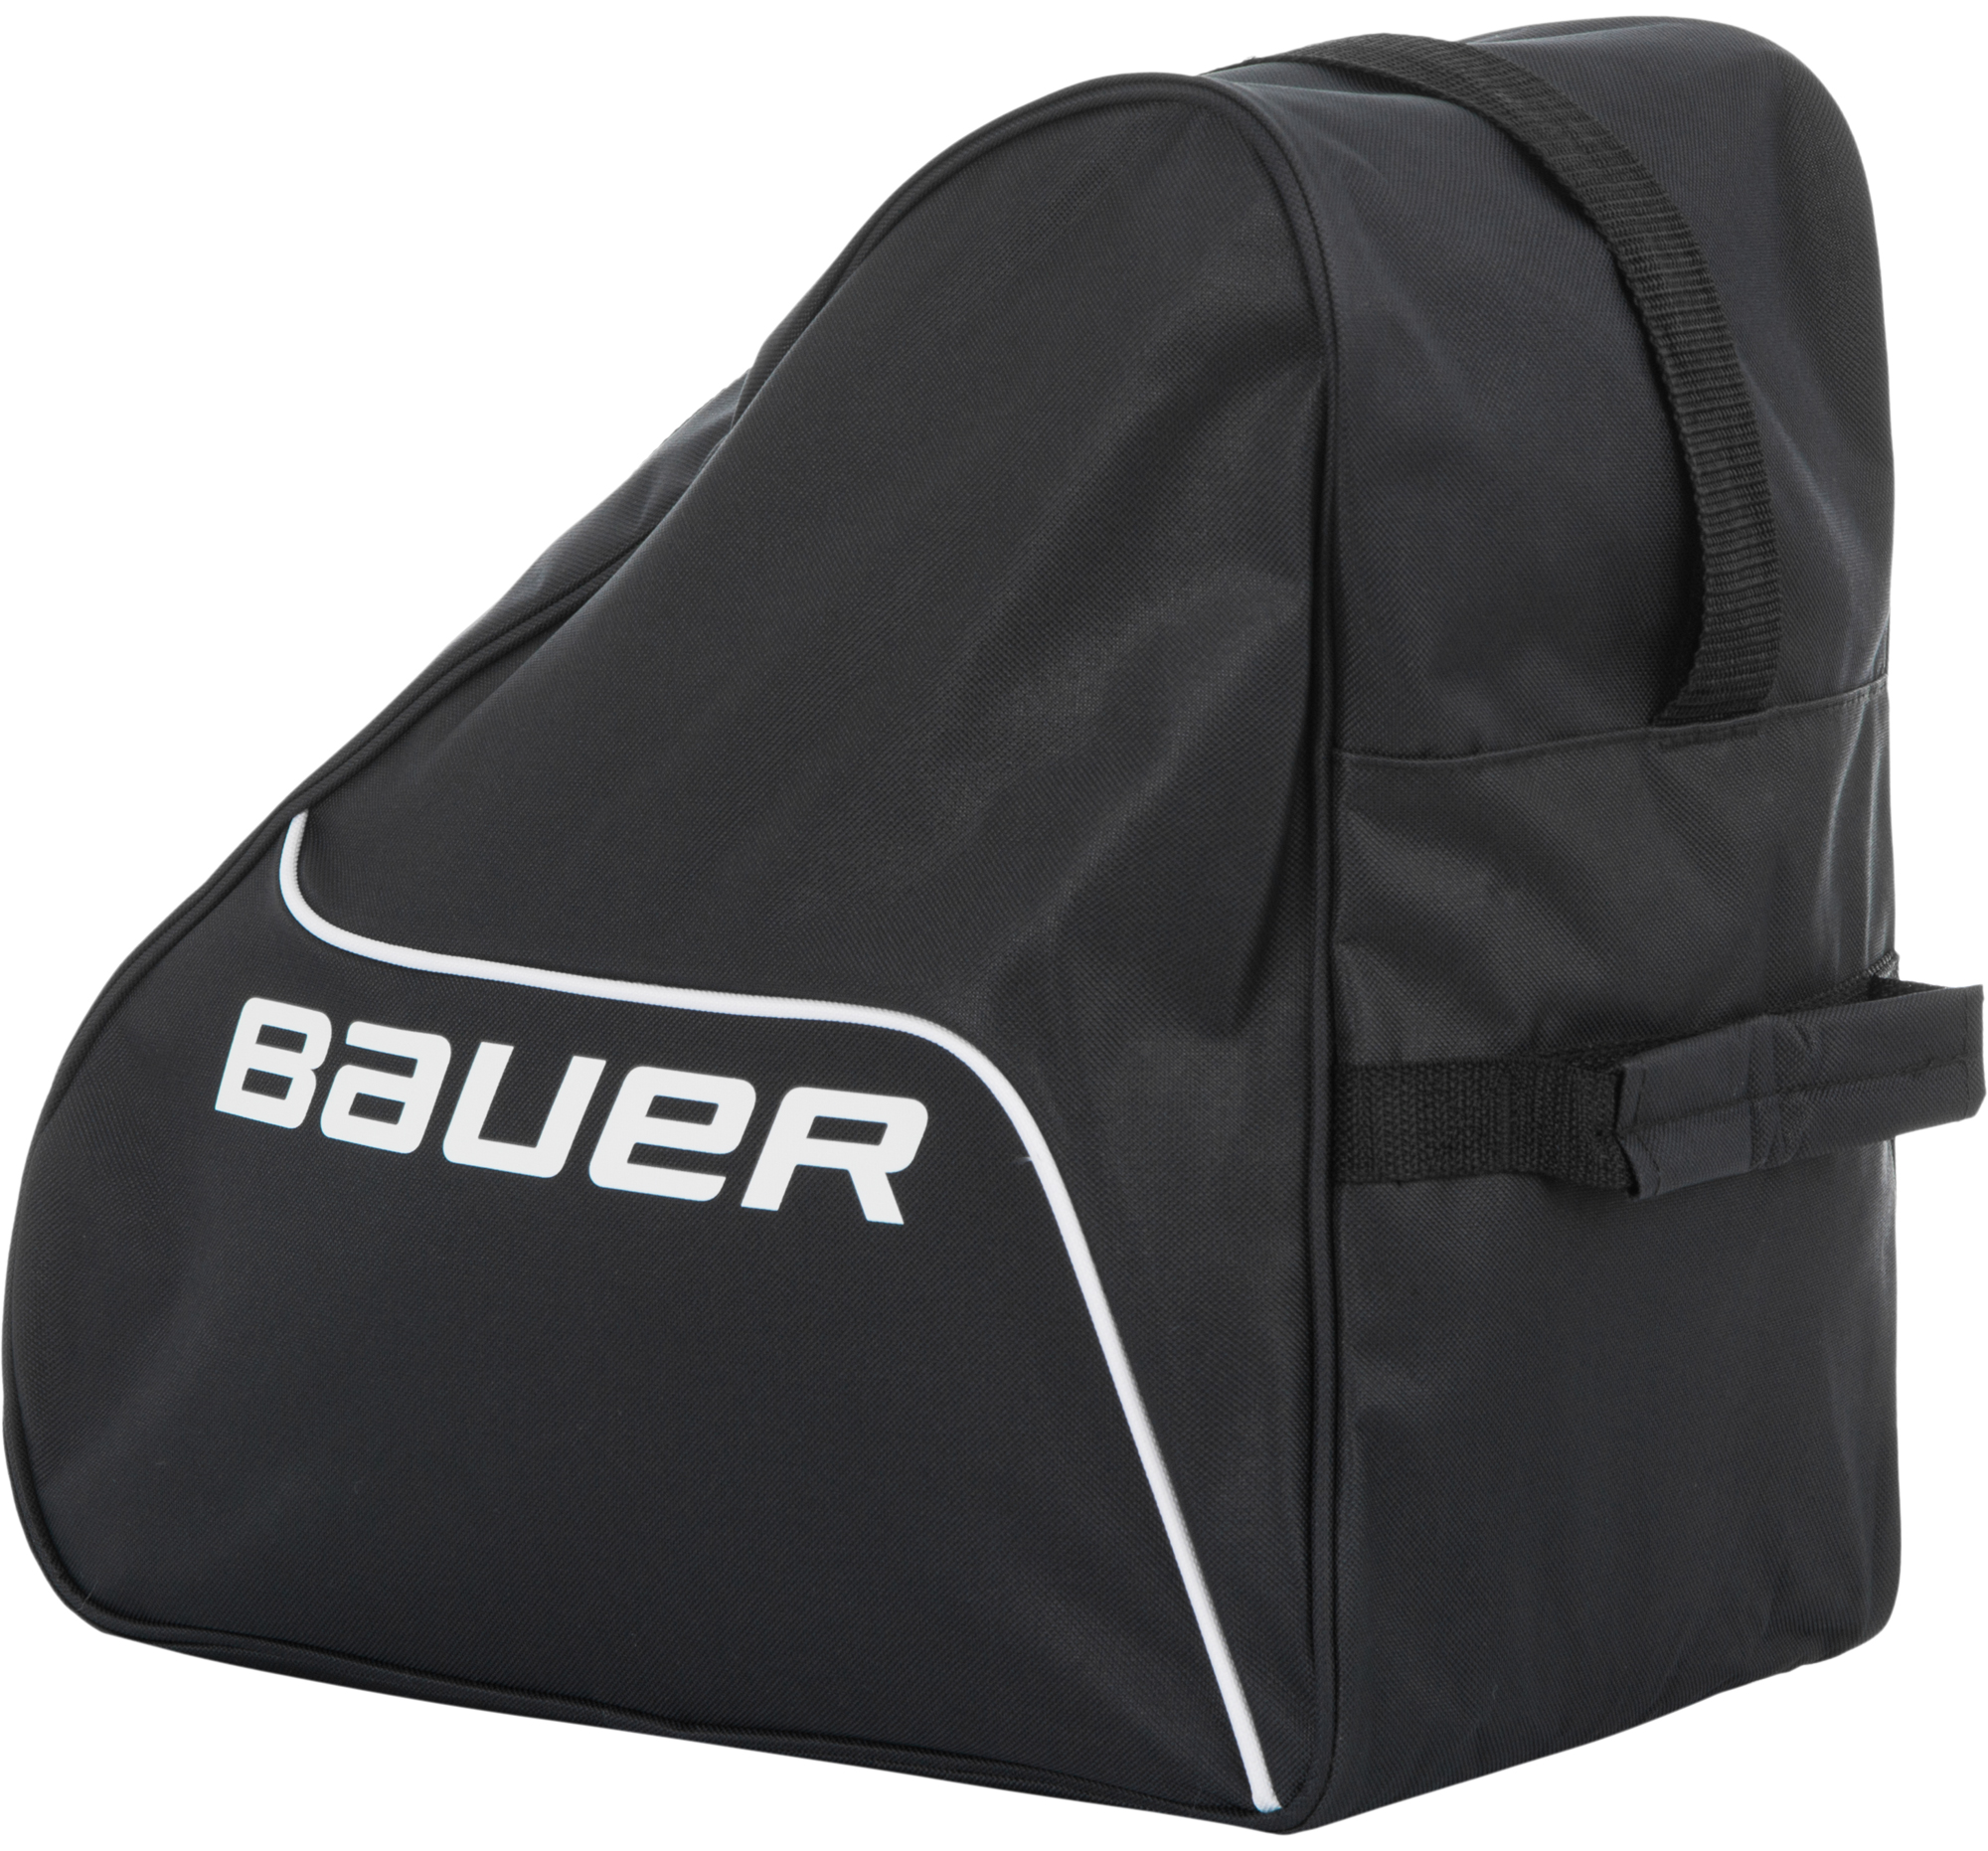 Bauer Сумка для переноски ледовых коньков Bauer bauer чехлы для лезвий коньков bauer размер без размера